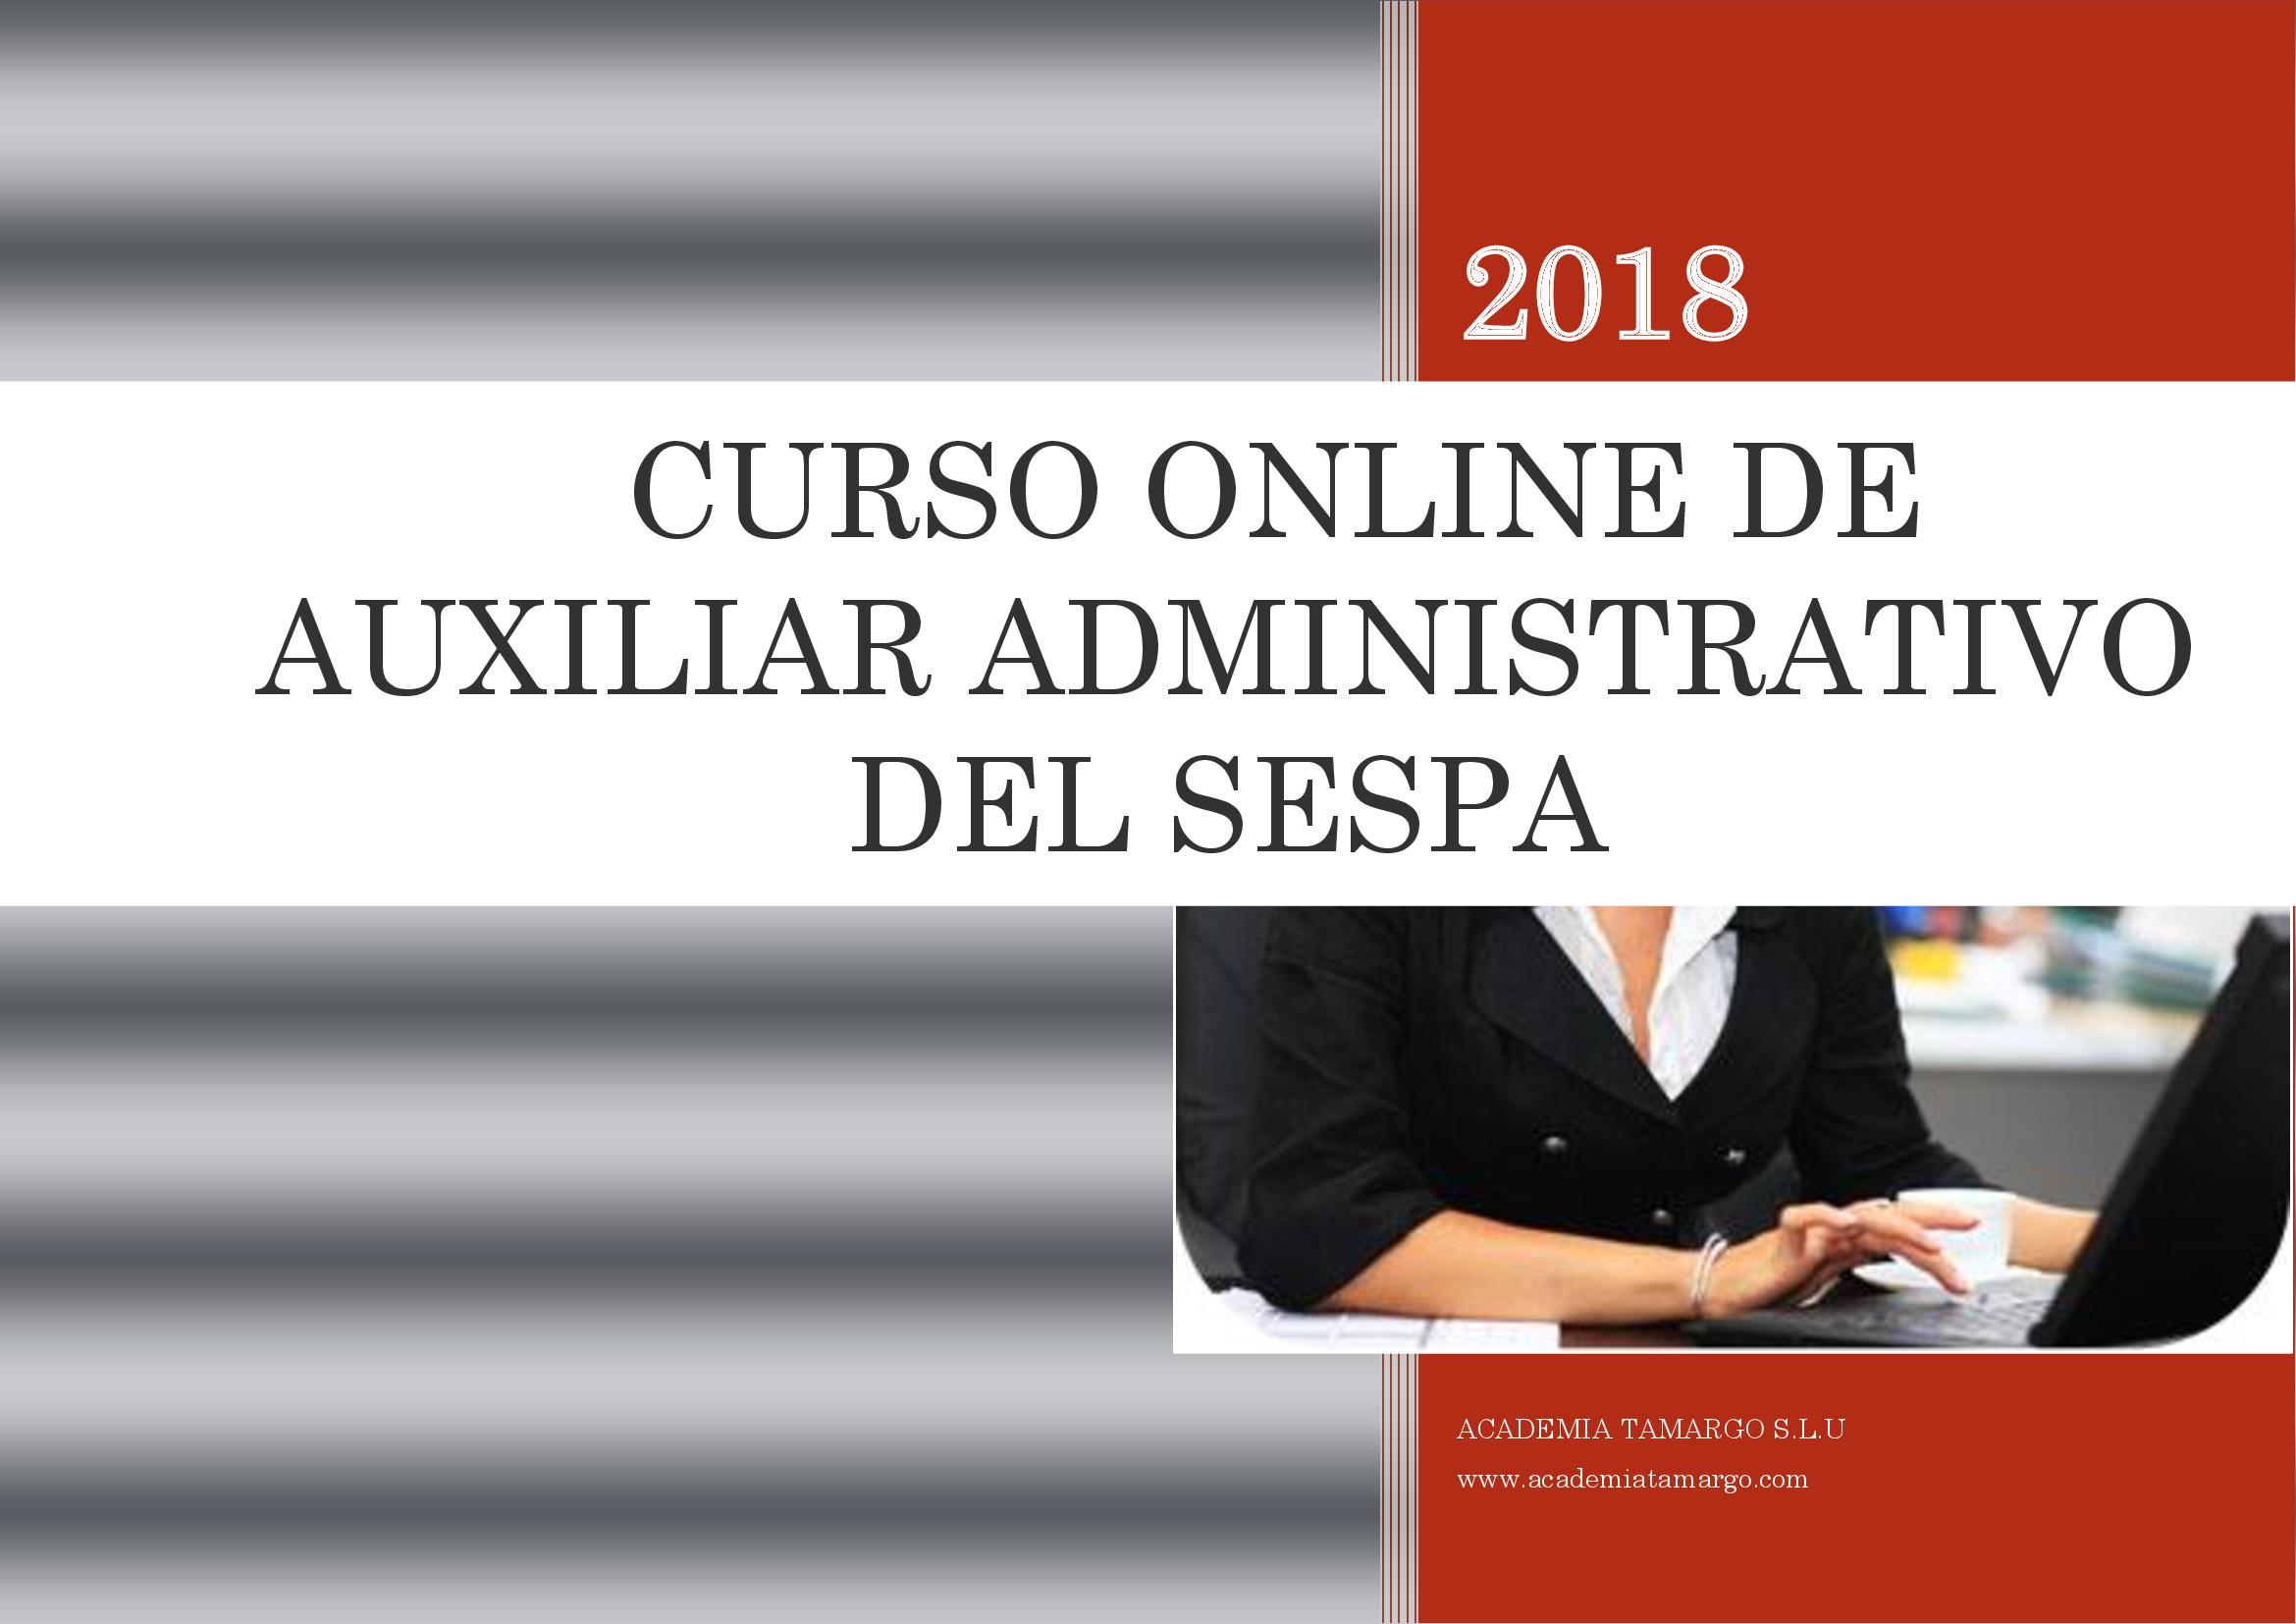 PORTADA-DE-CURSO-ONLINE-DE-AUXILIAR-ADMINISTRATIVO-DEL-SESPA